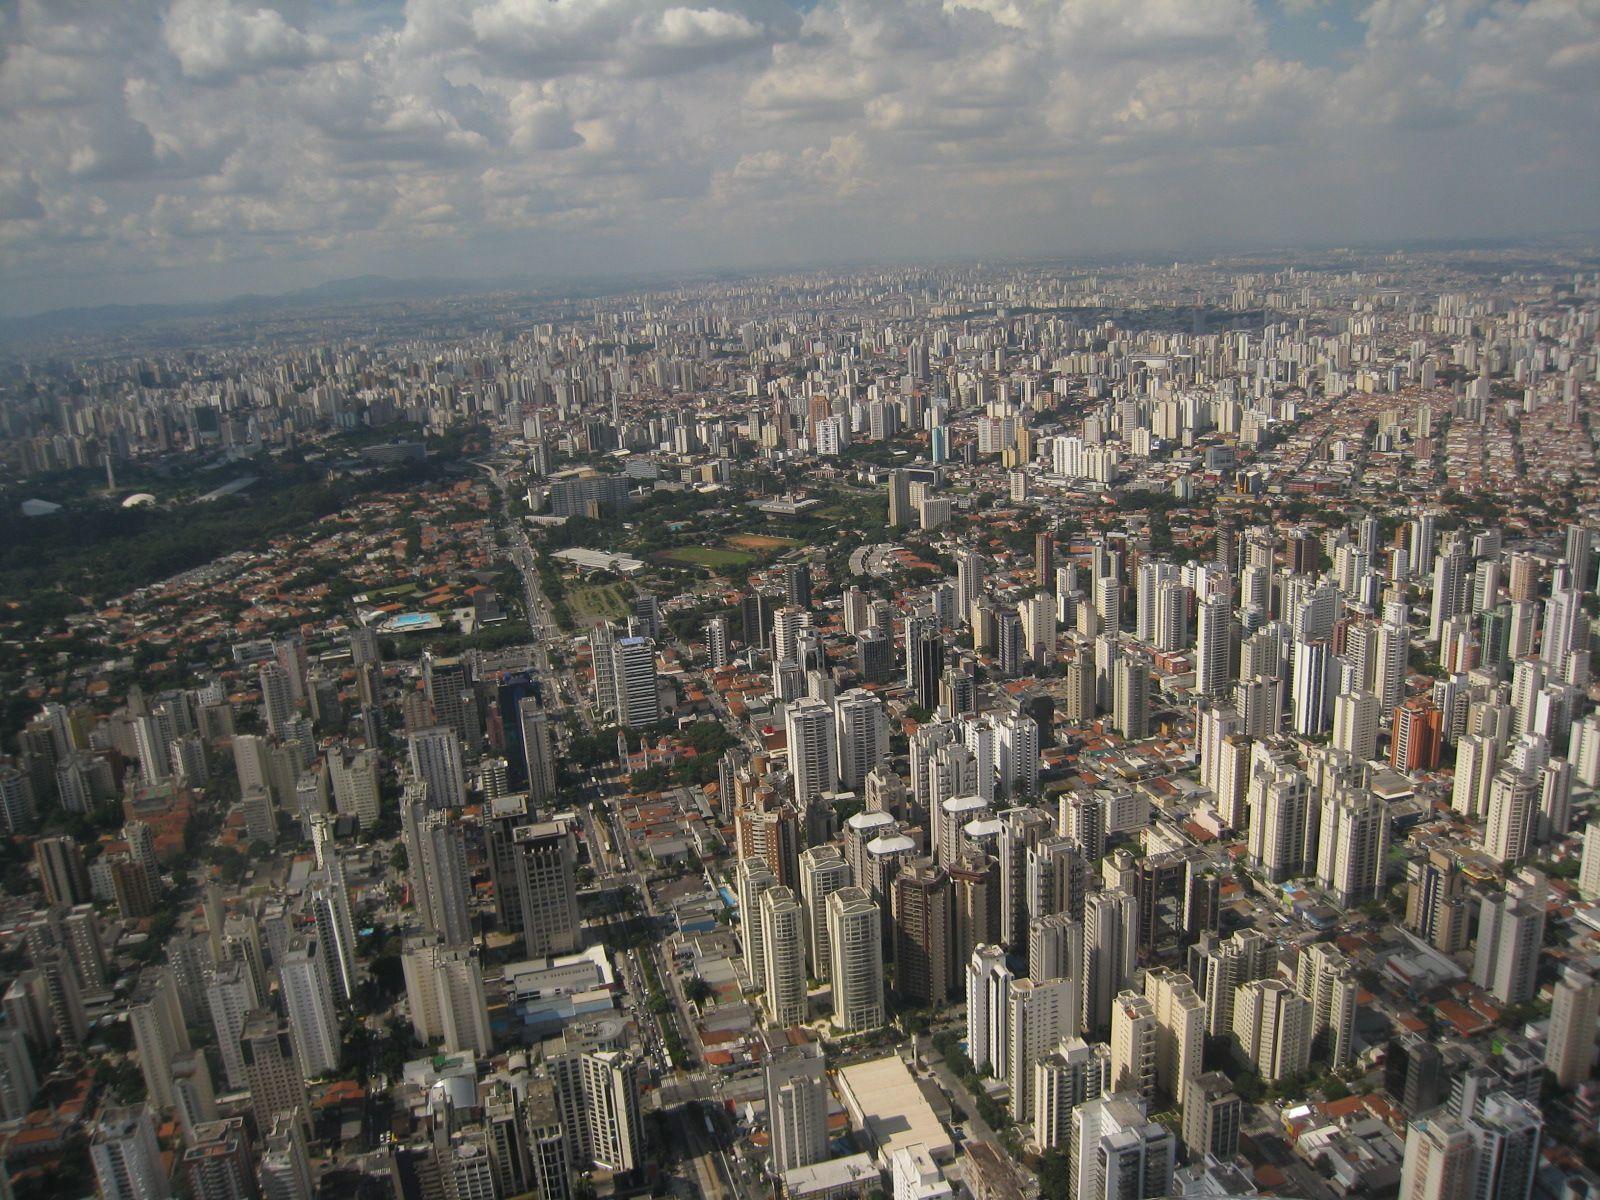 #AmoSampa vista aerea de Sao Paulo